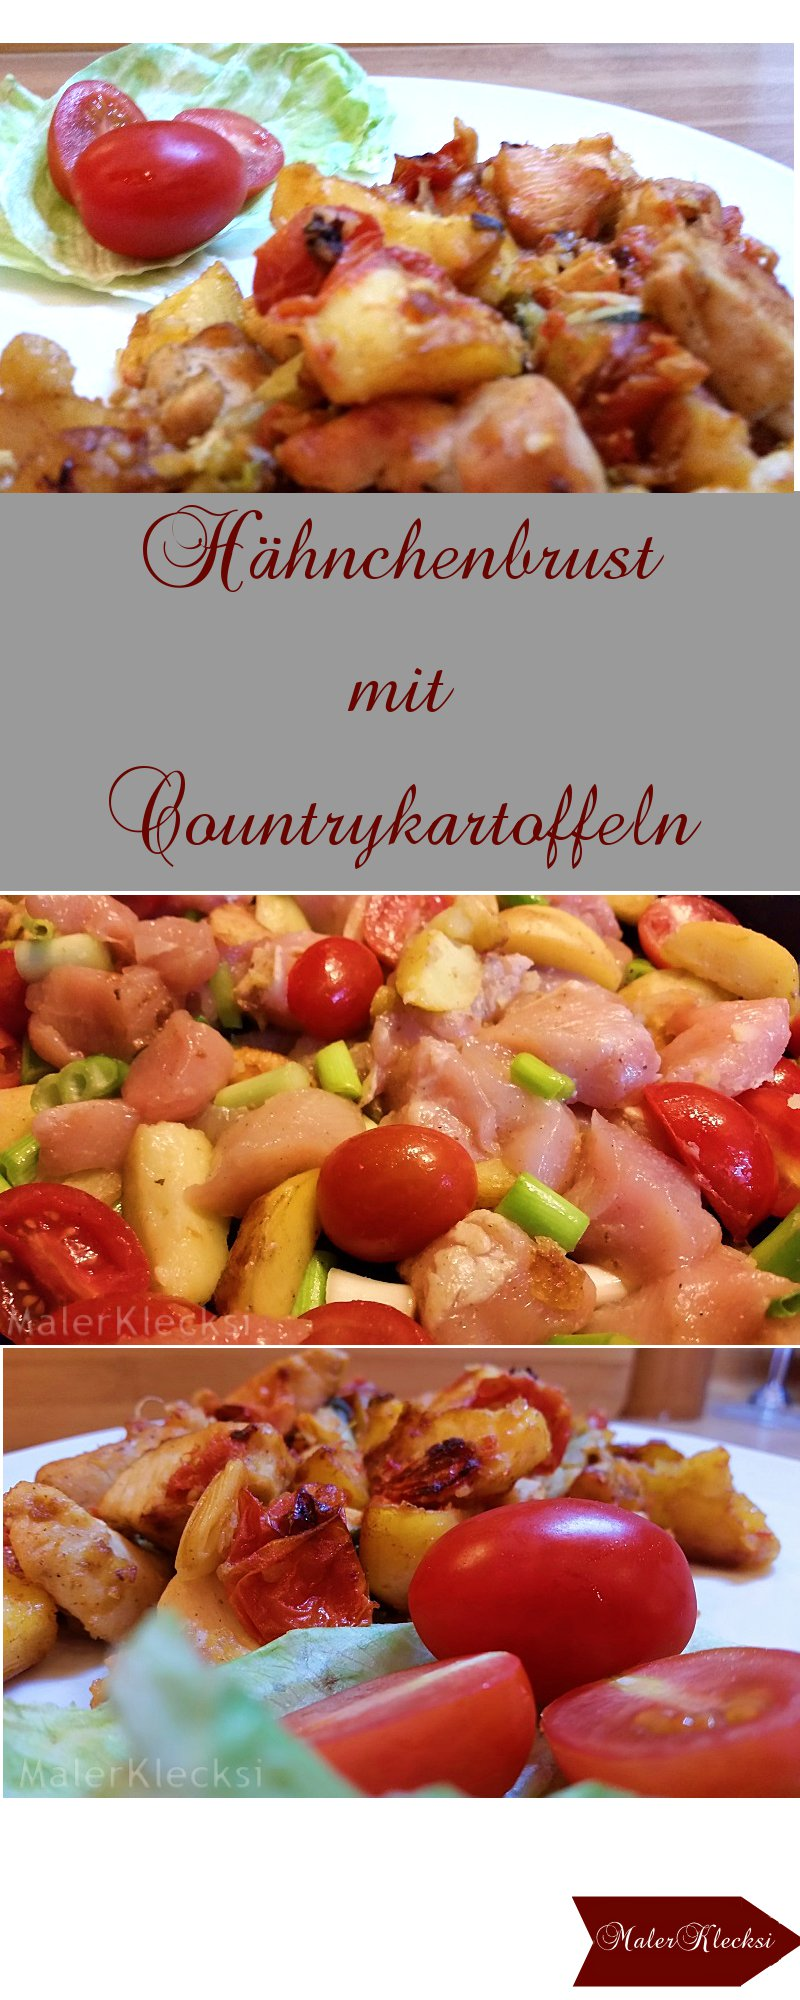 Haehnchenbrust-mit-Countrykartoffeln